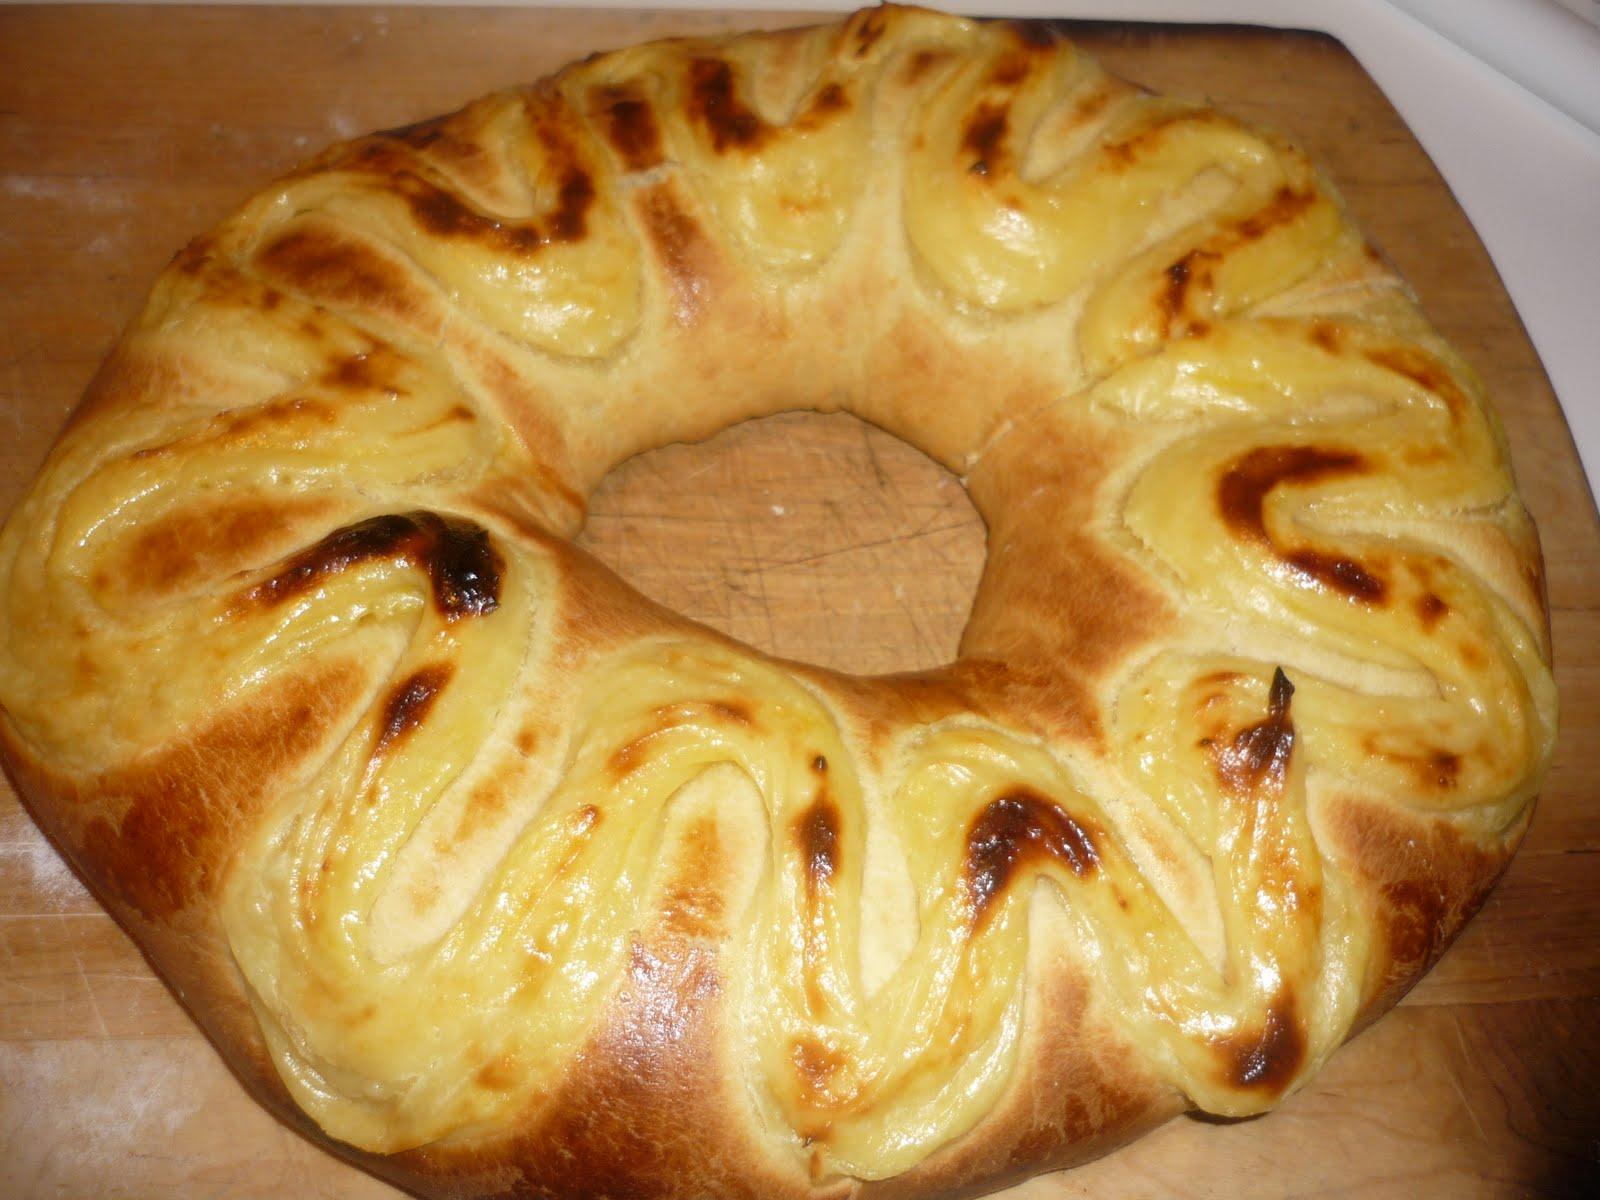 receta de rosca de reyes suave, deliciosa y facil de hacer